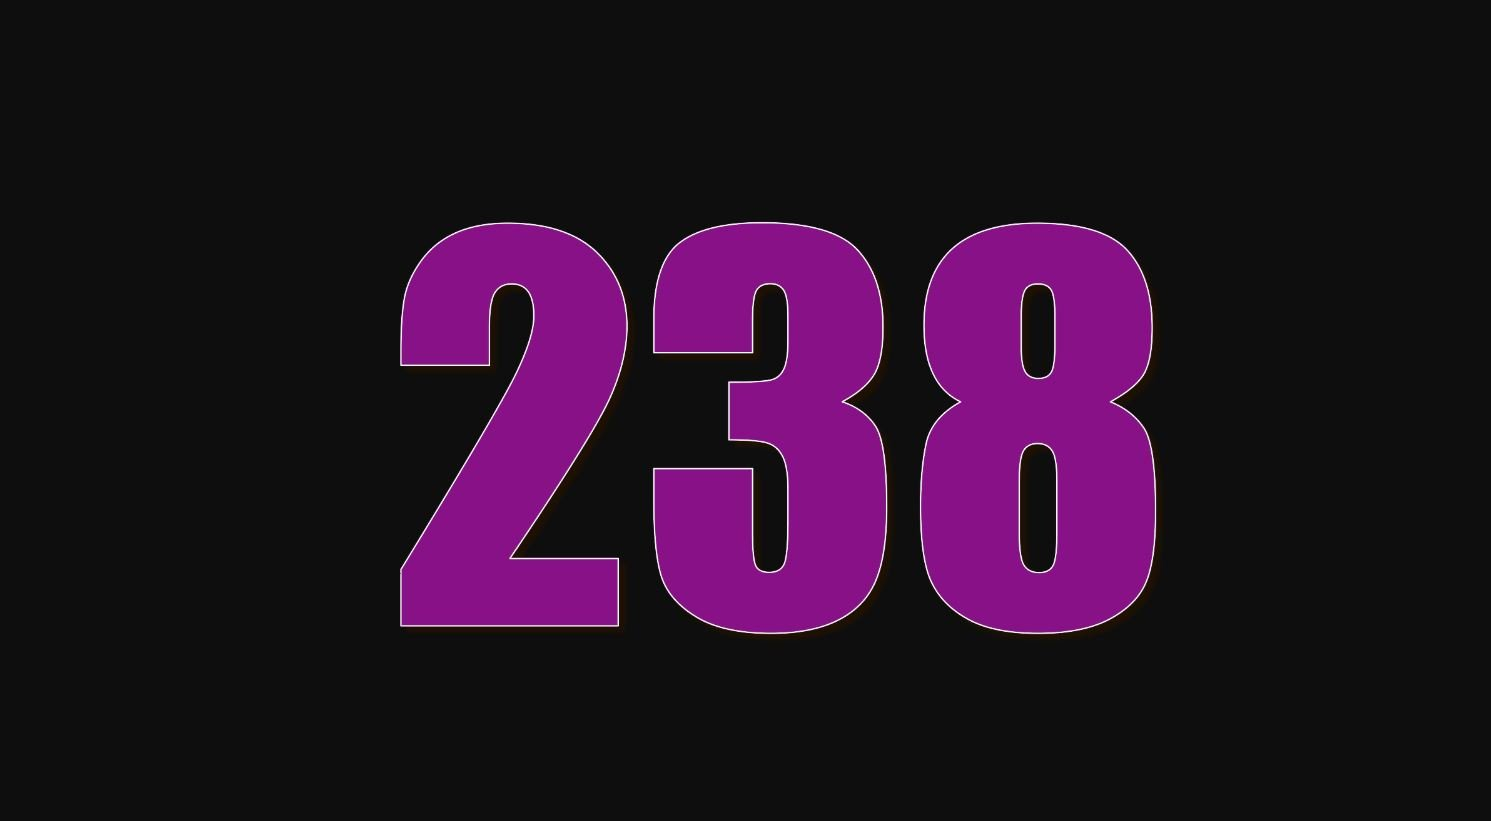 Il significato del numero 238